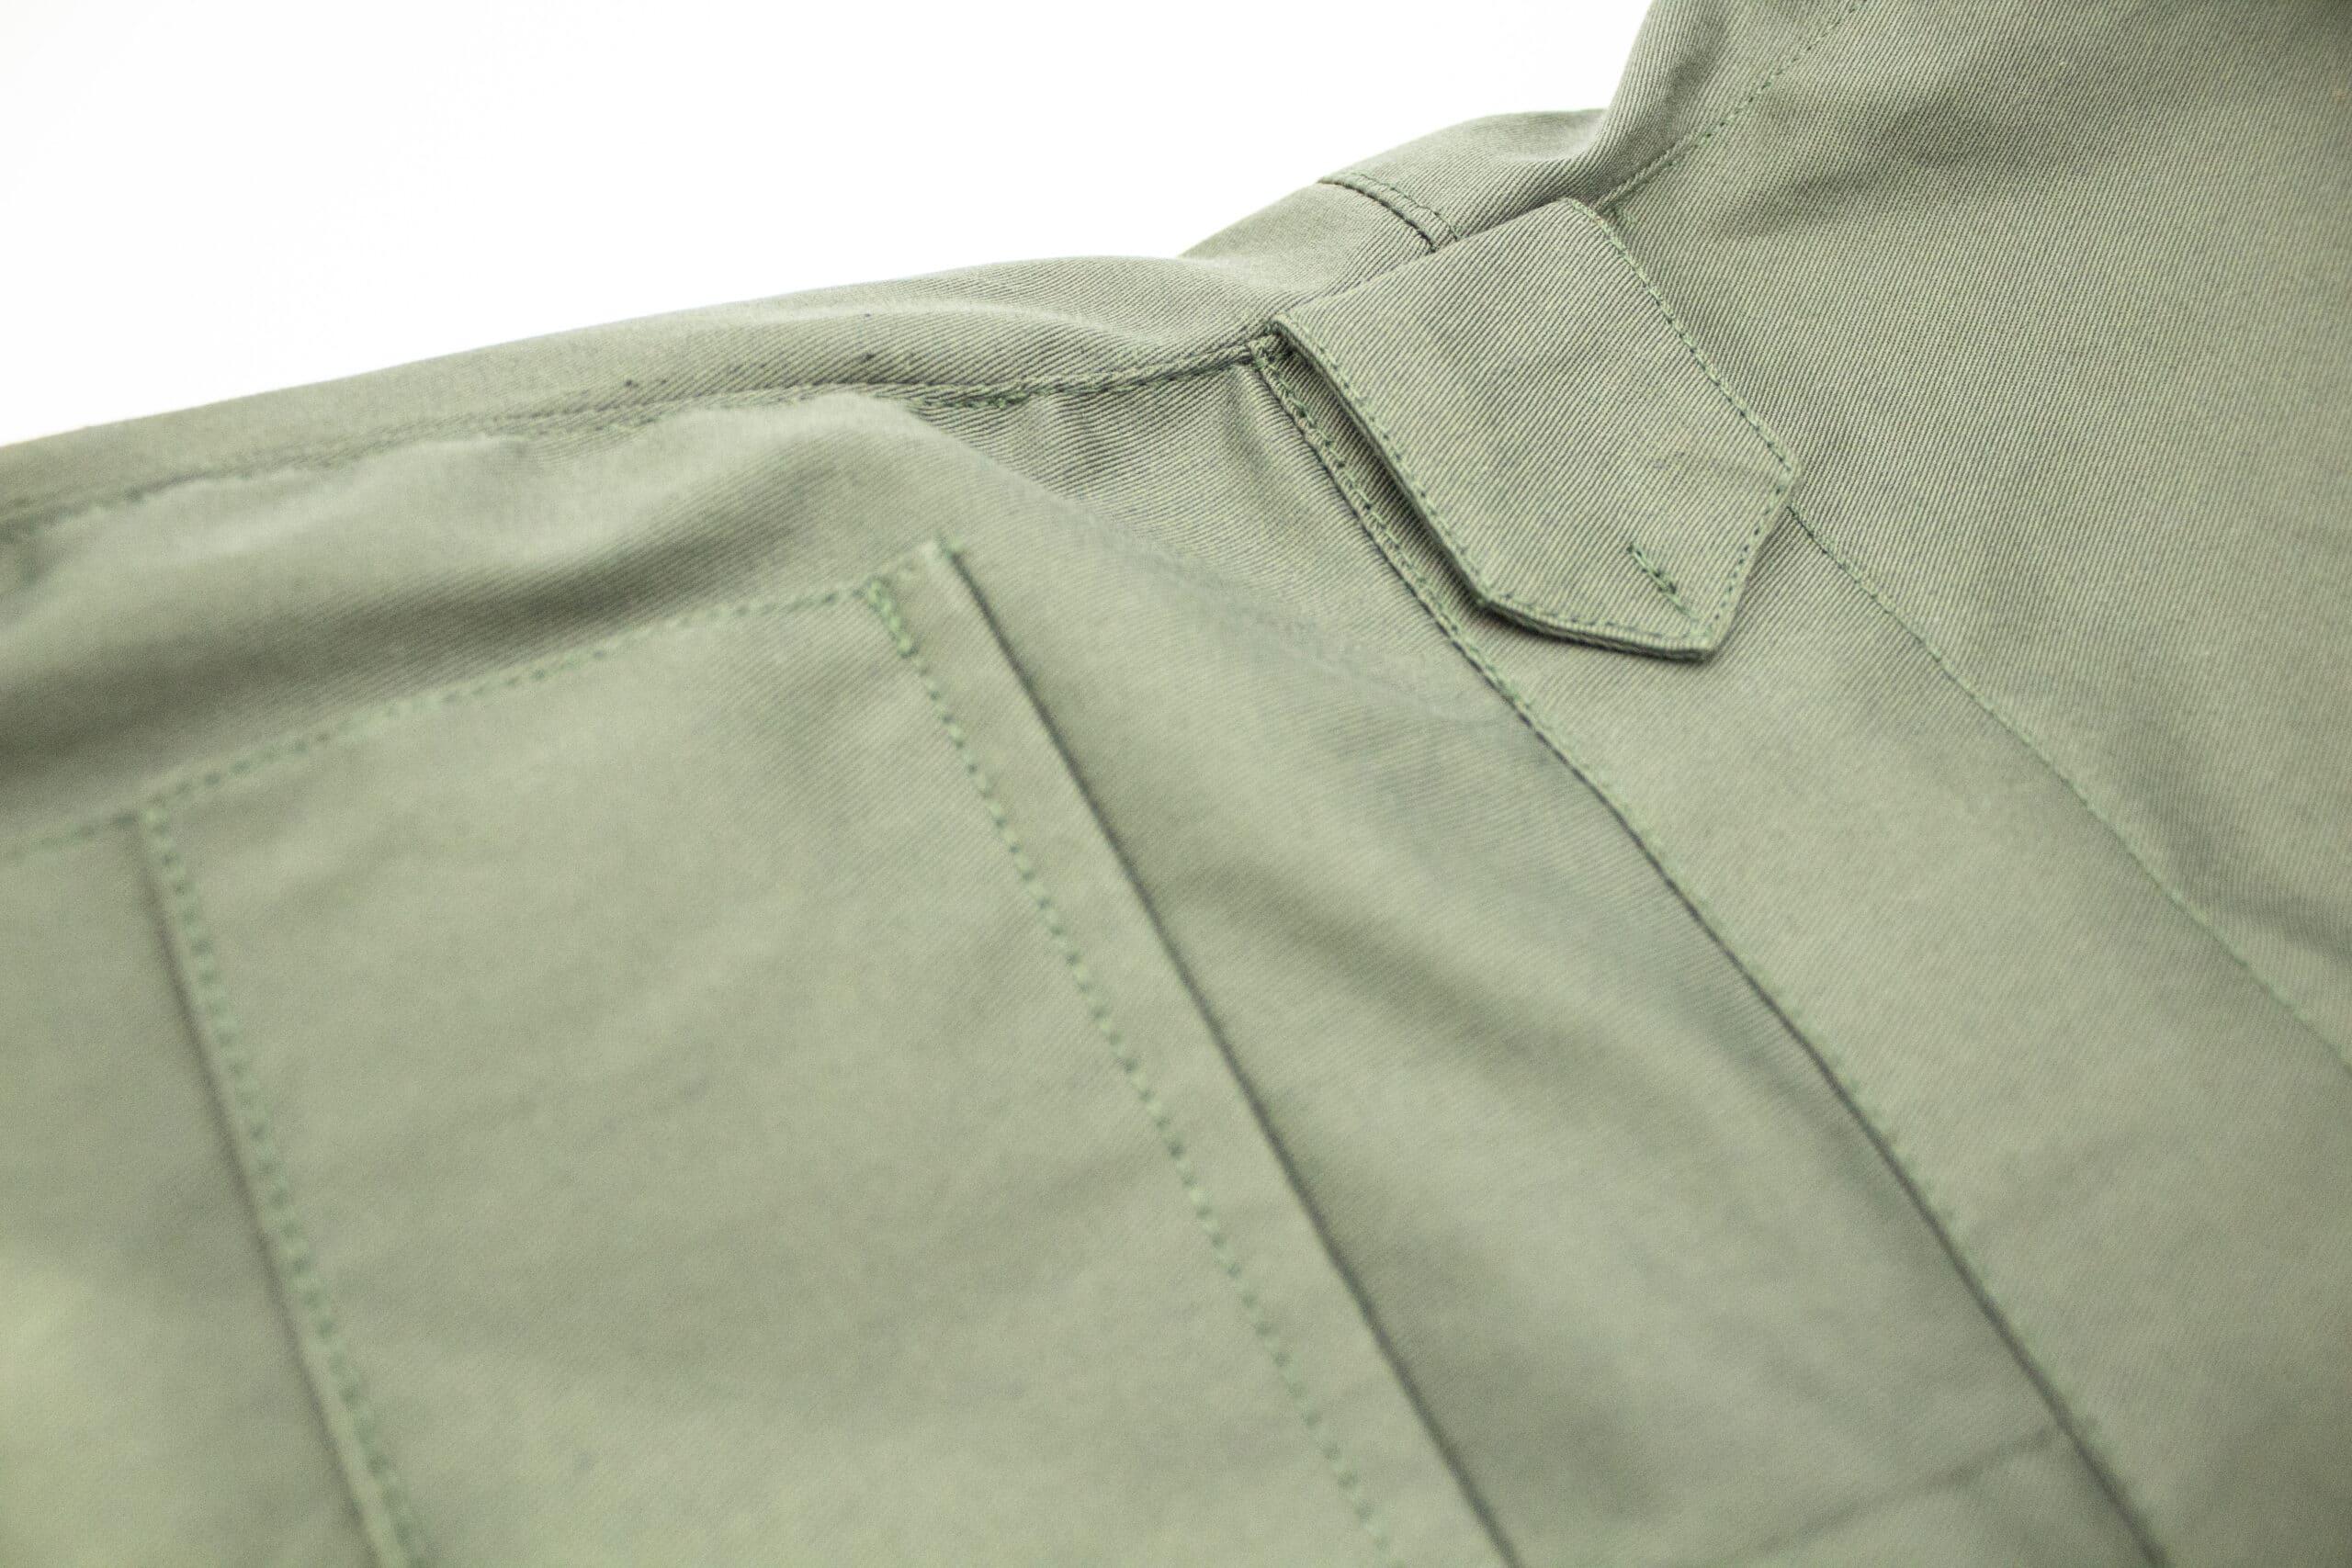 TW200 Newport waxed coat